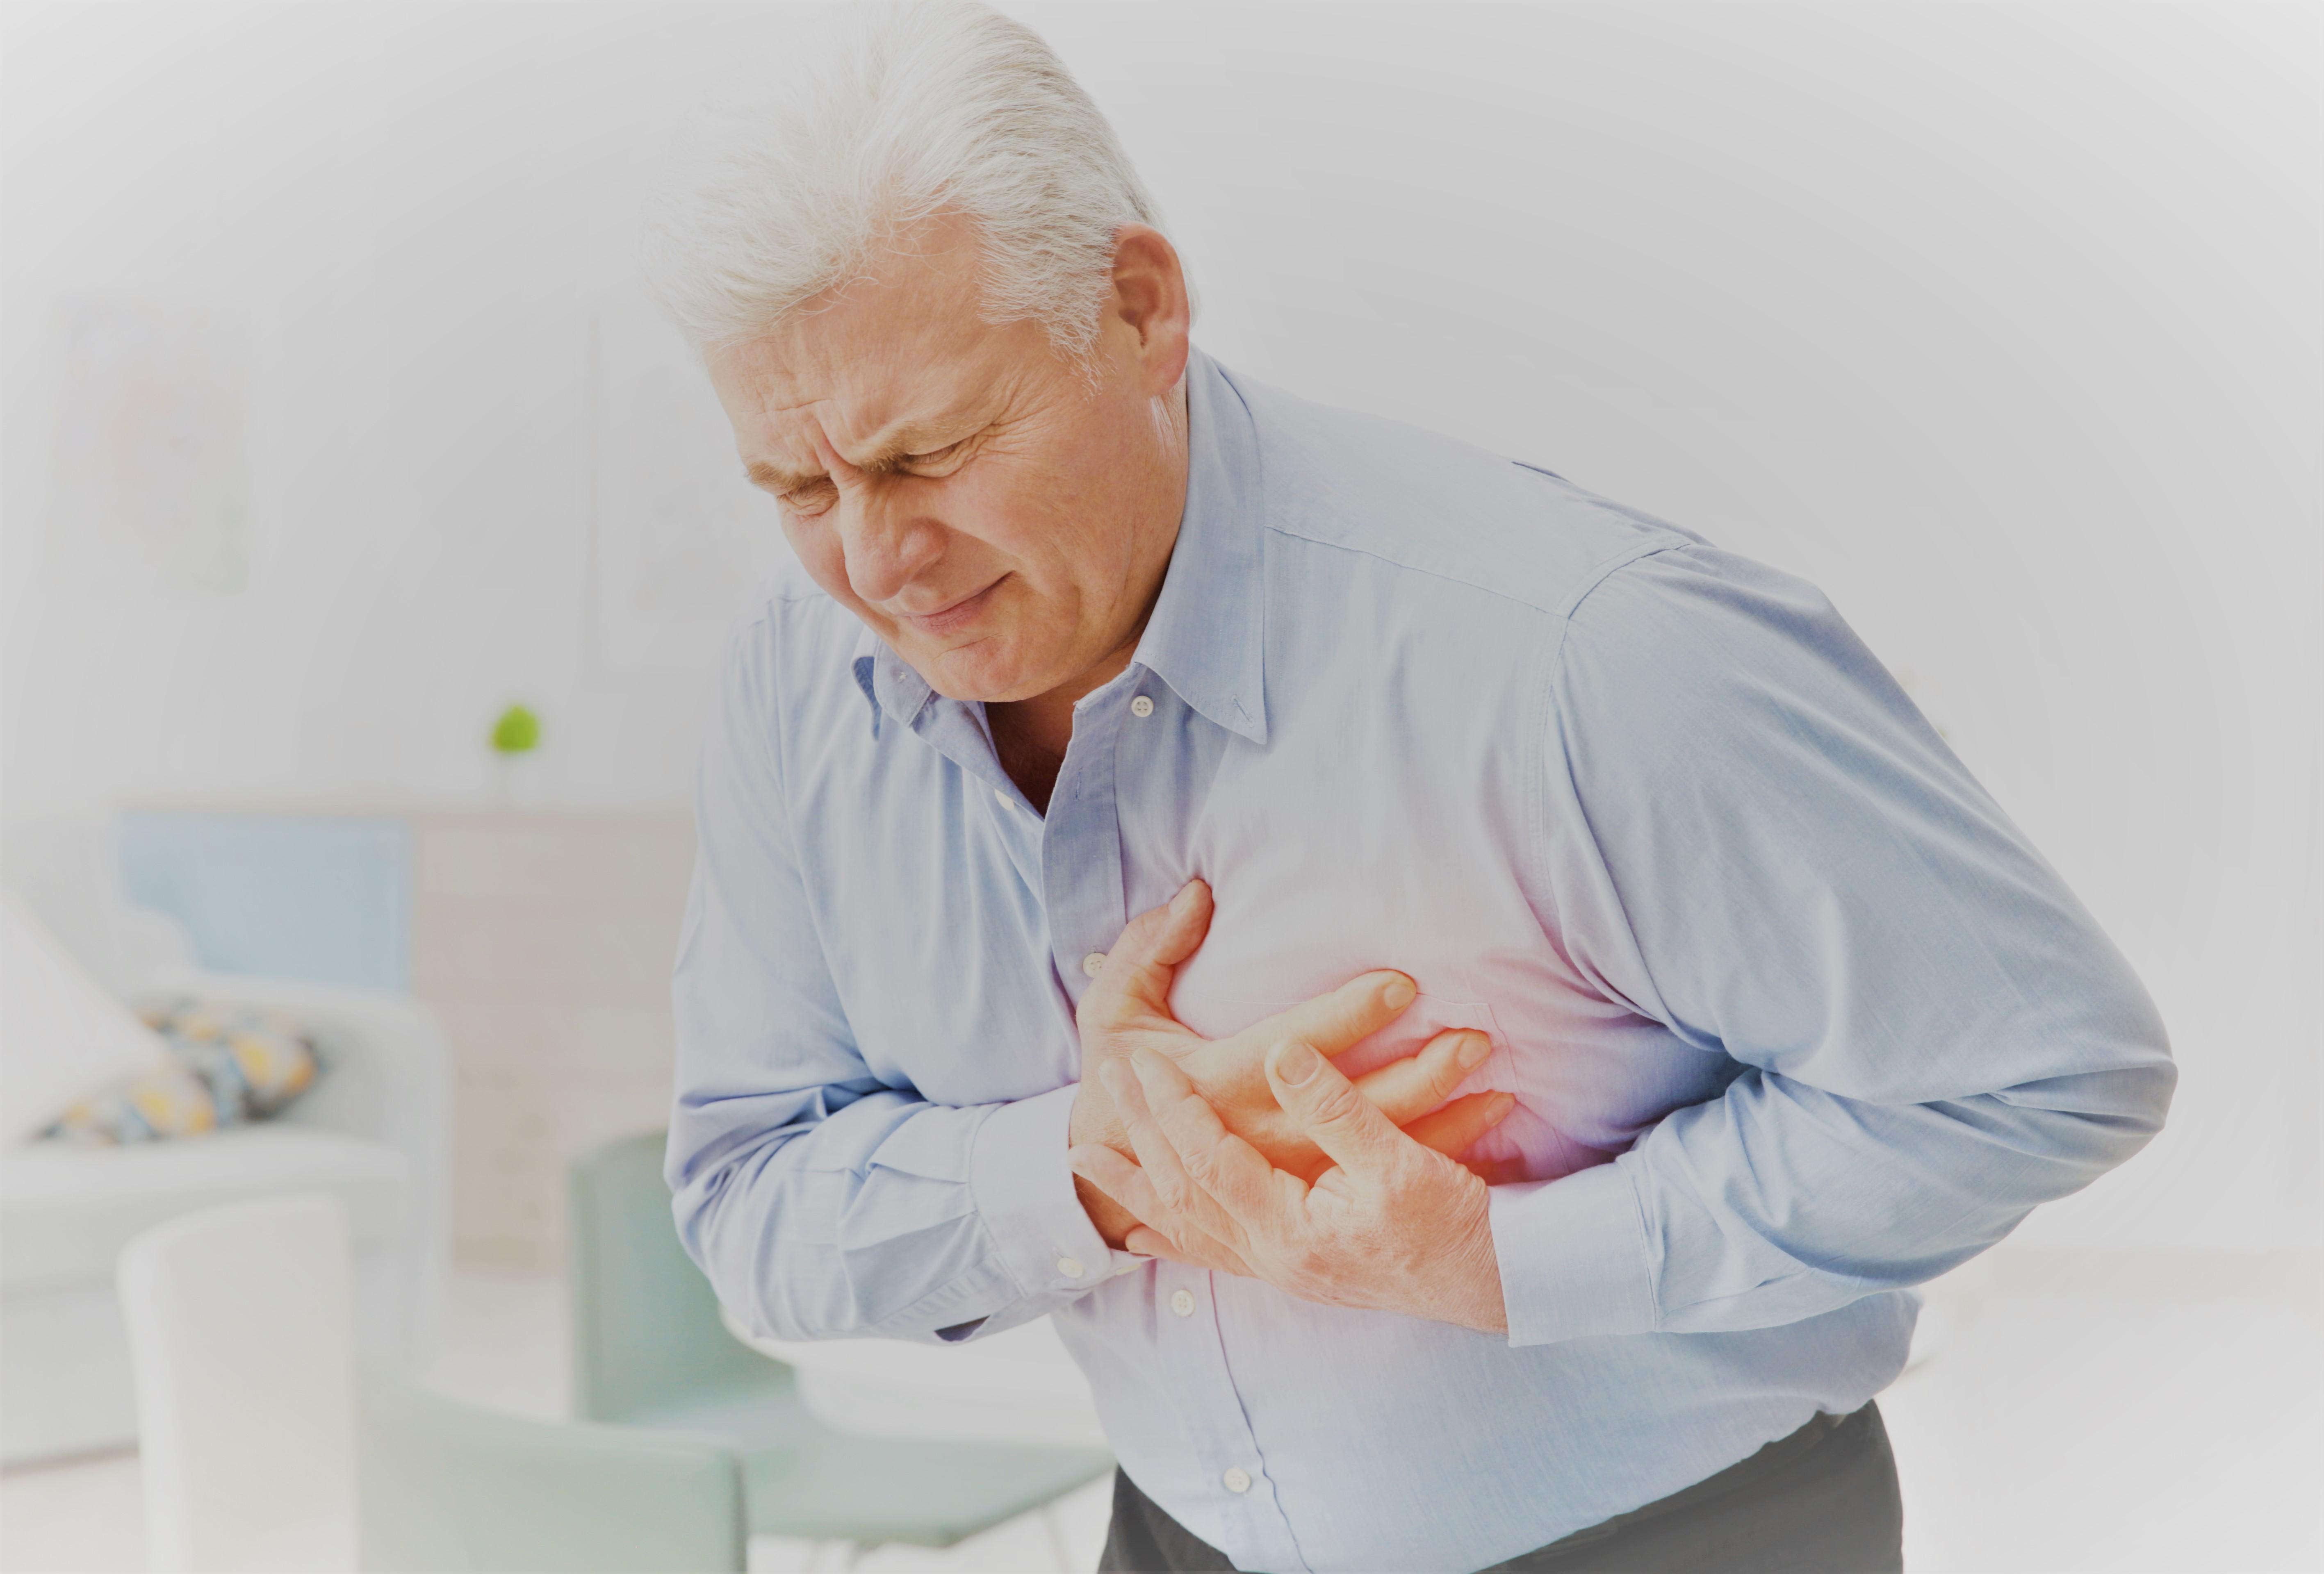 fáj a hátam és a mellkasom